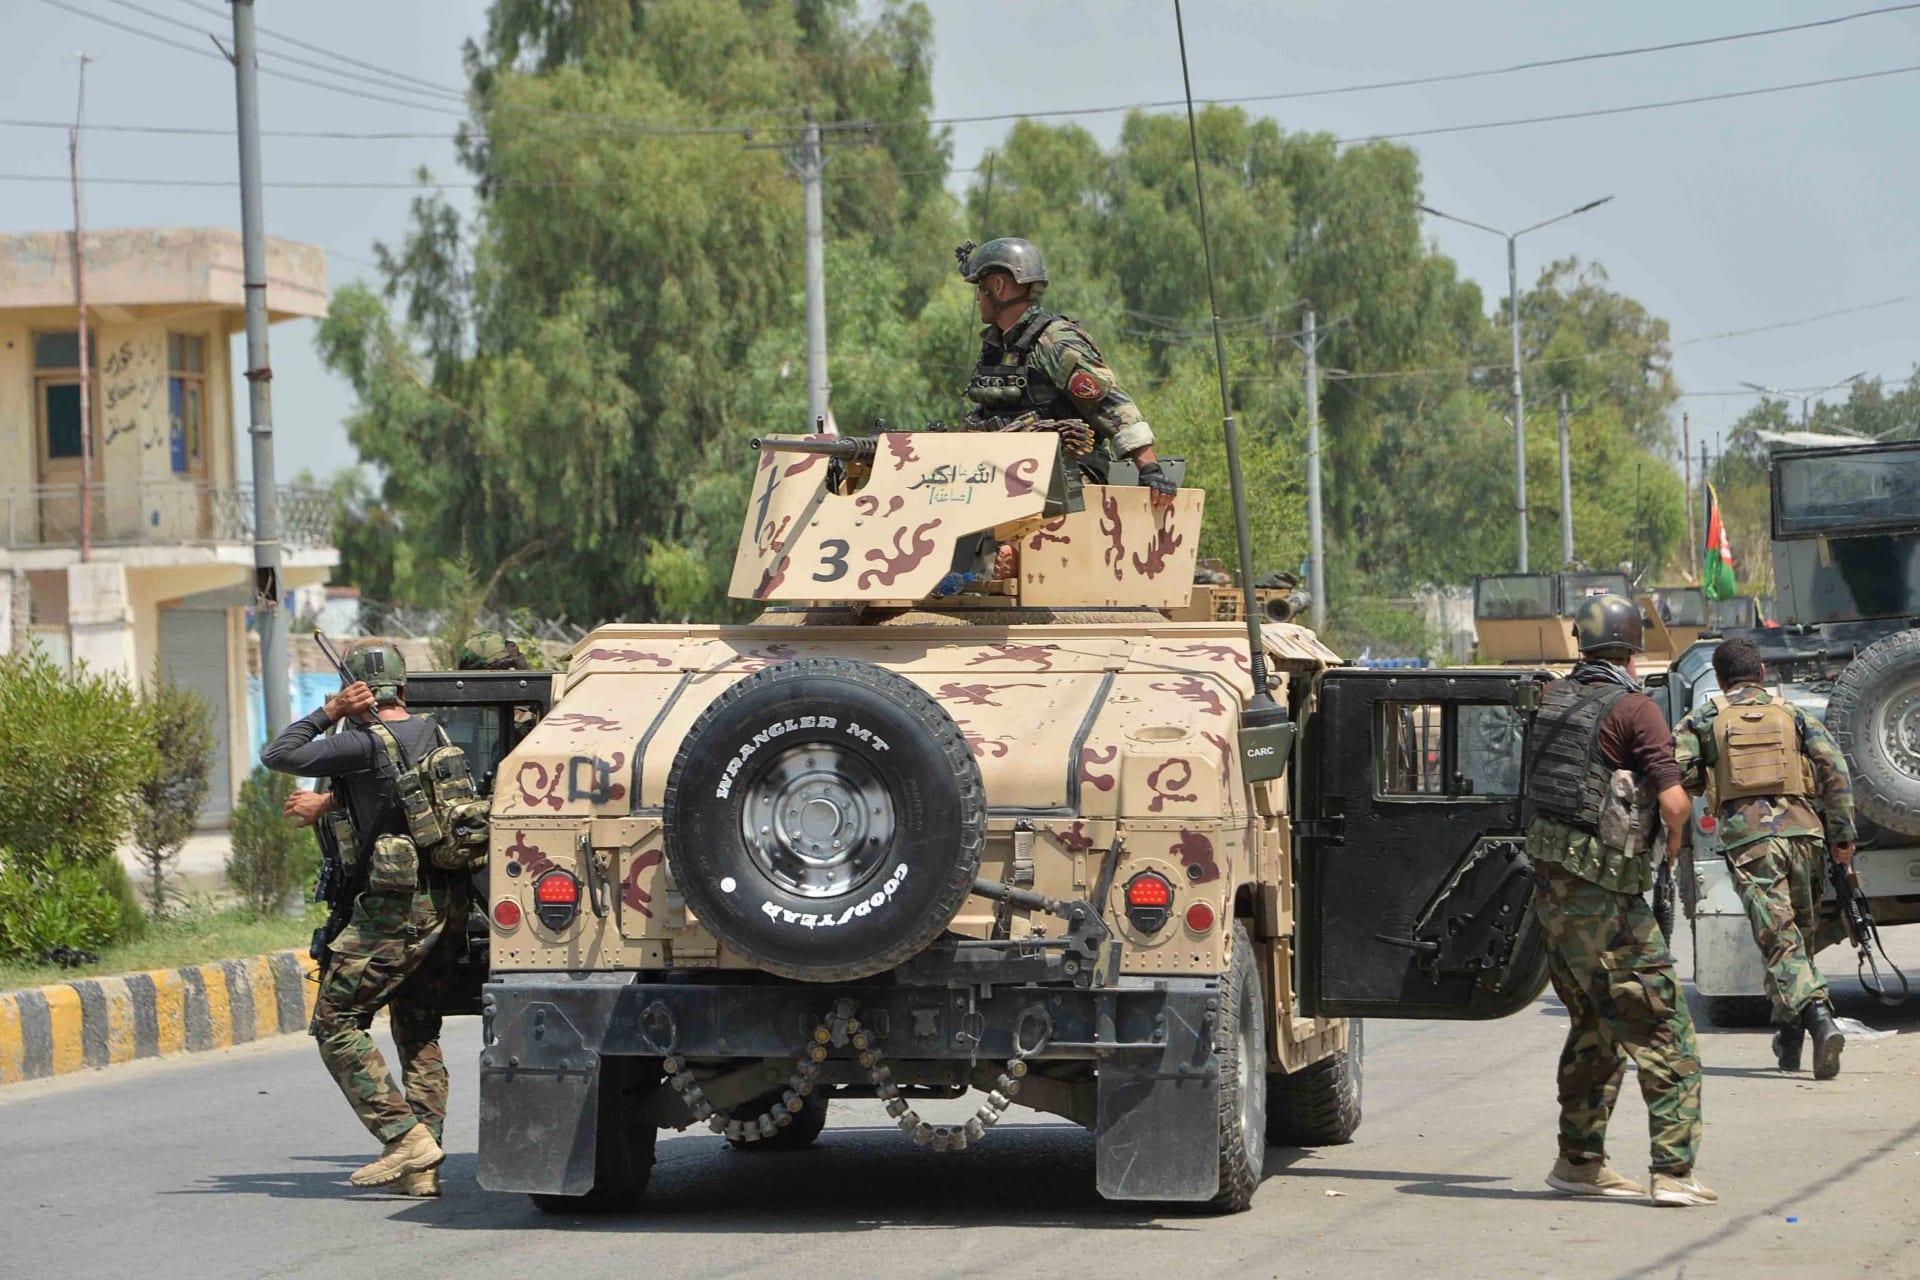 الانسحاب من أفغانستان.. طالبان تتبنى انفجارًا وتعلن عزمها استهداف القوات الأجنبية